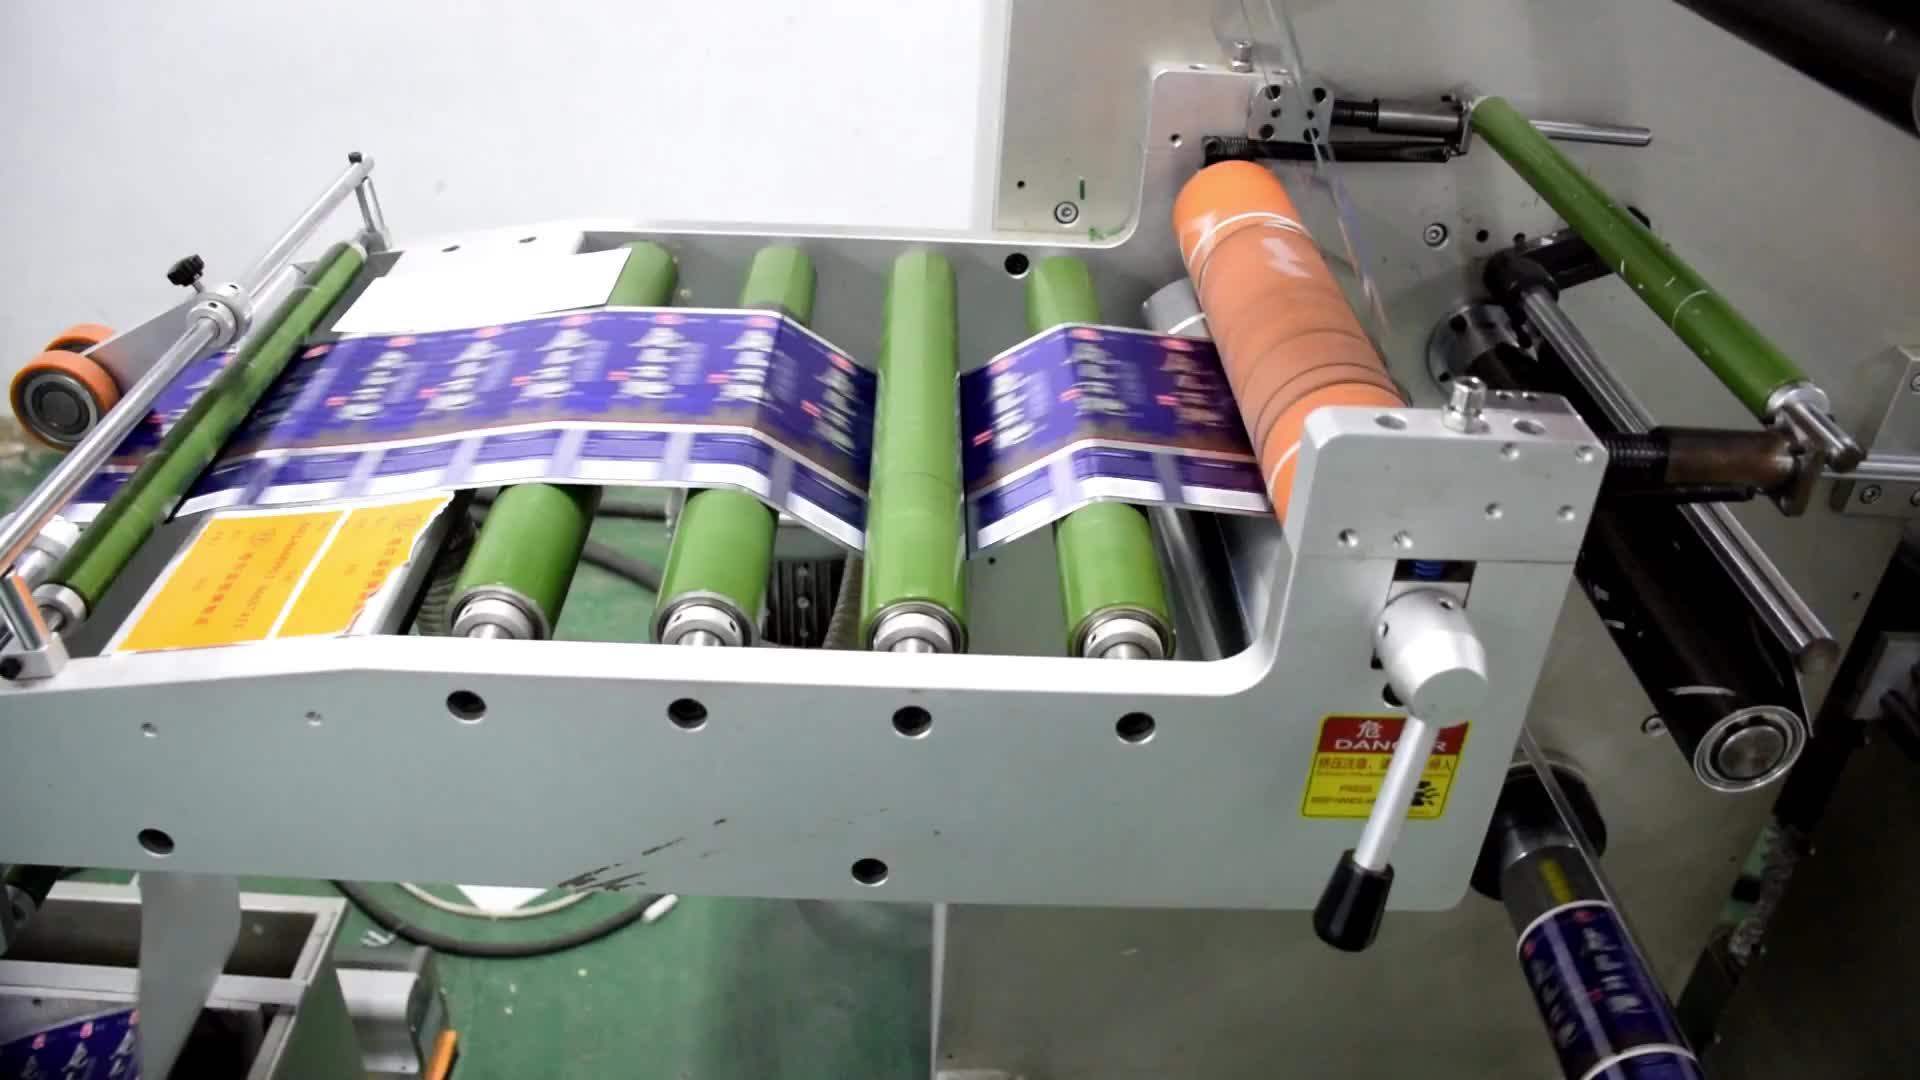 ซูโจวร้อนขายอาหารอาหารเสริมฉลากส่วนตัวคุณภาพสูงเครื่องพิมพ์อาหาร